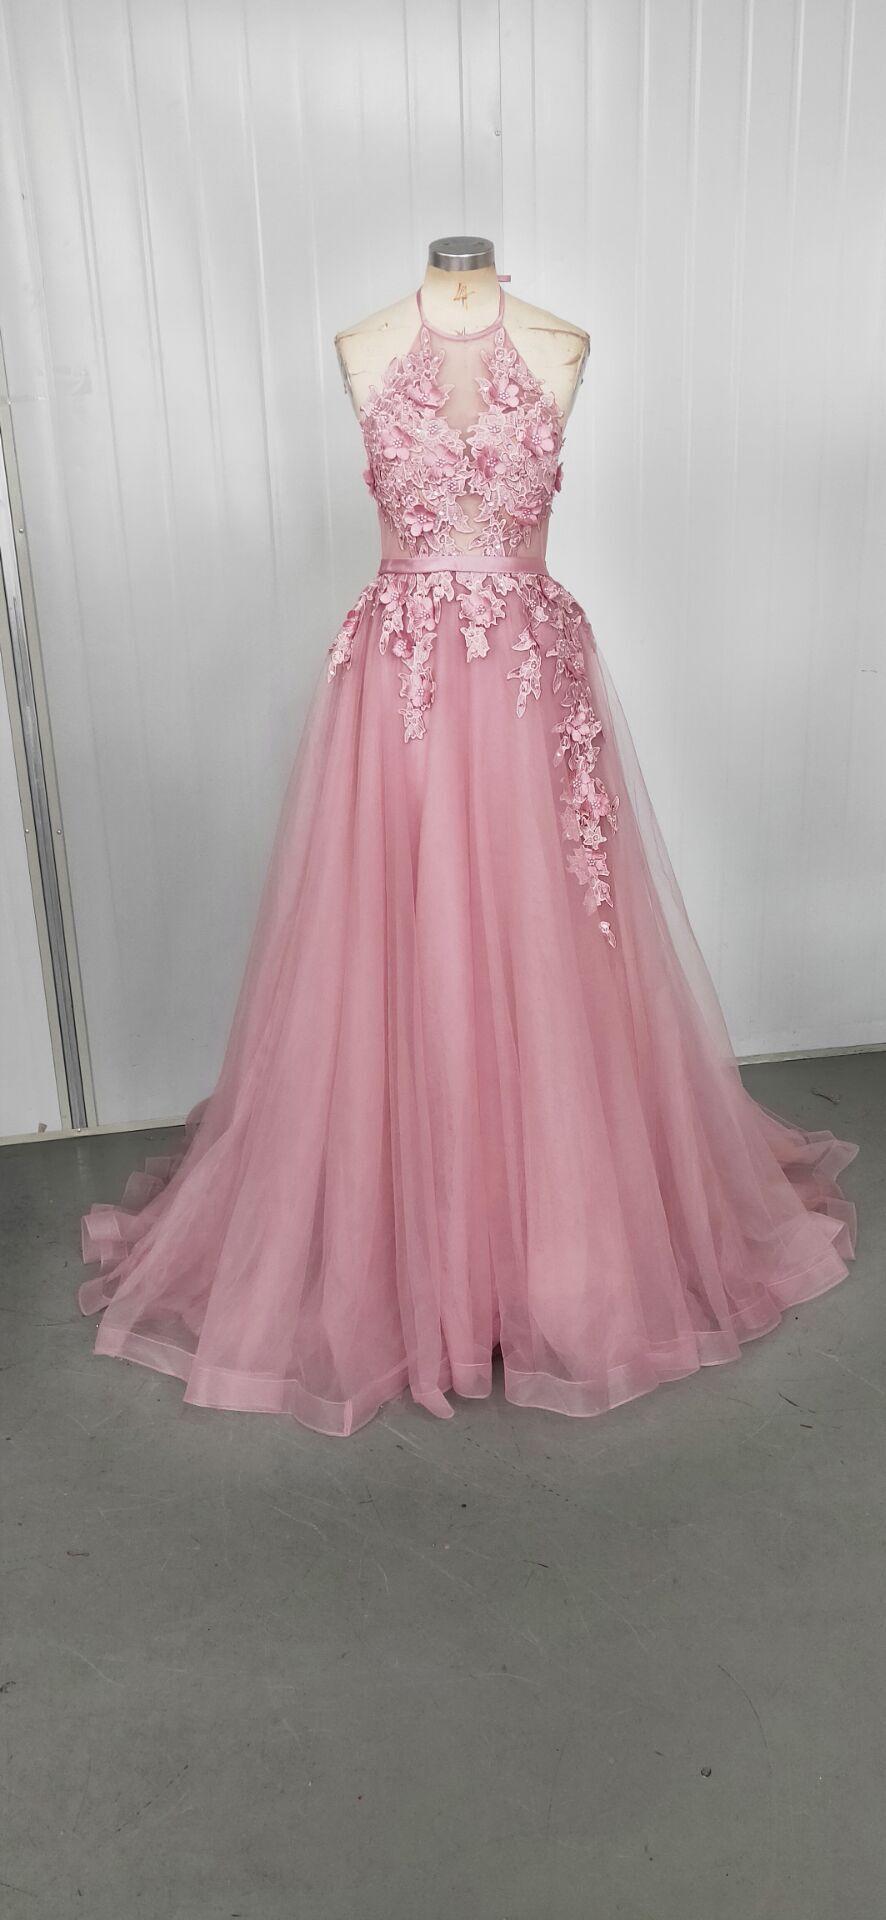 4fe85a2d8 BATA De Soiree apliques Sexy espalda descubierta vestidos largos De noche  Banquete De novia elegante hasta el suelo vestido De fiesta para mujer ...